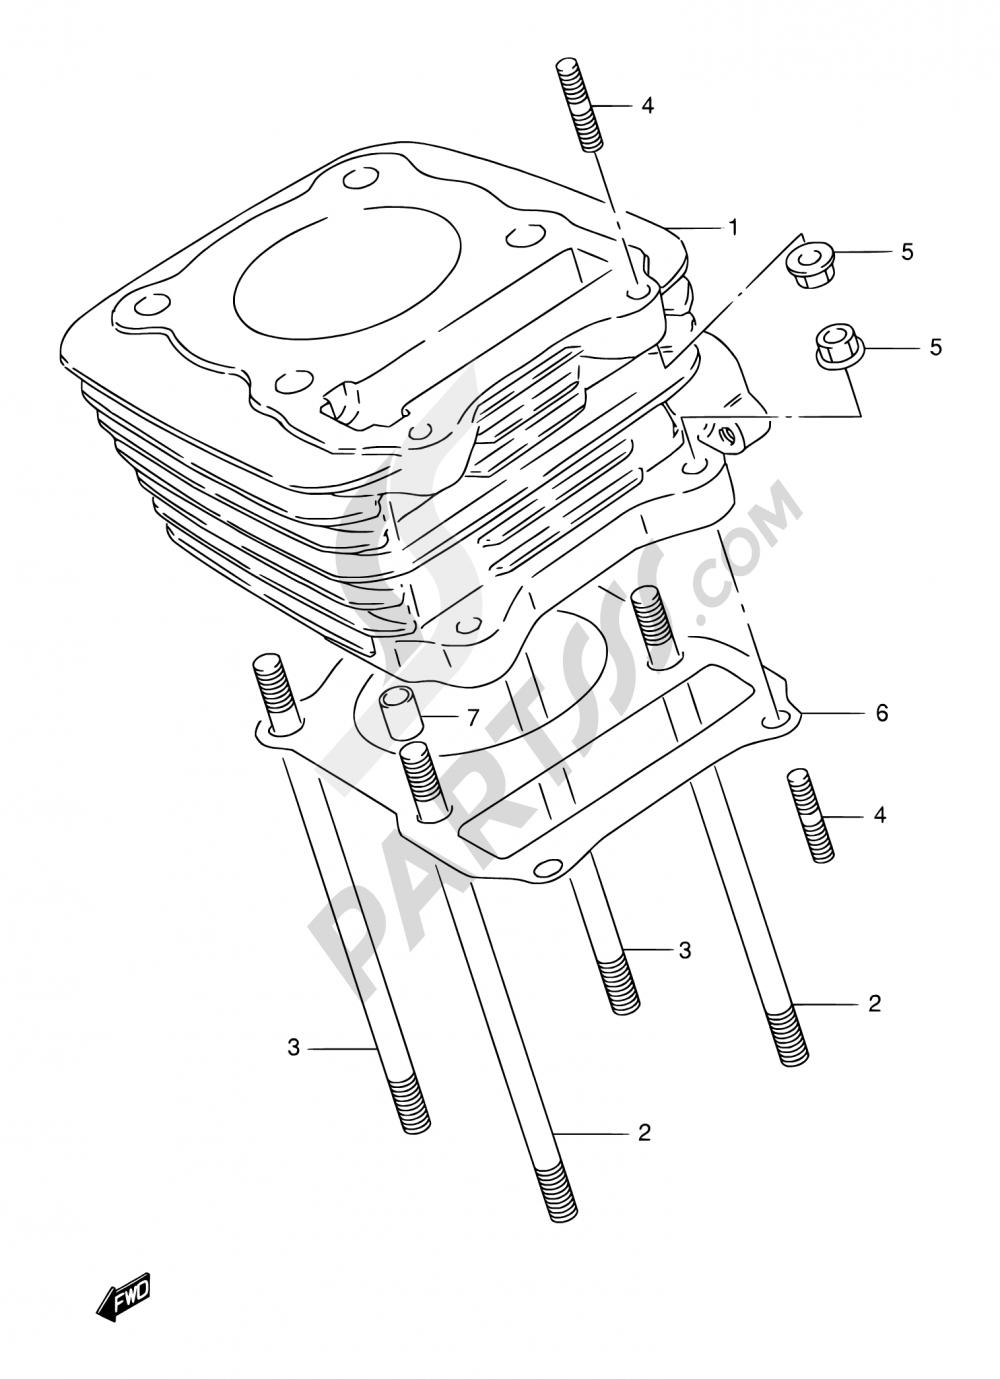 2 - CYLINDER Suzuki DR125SE 1999